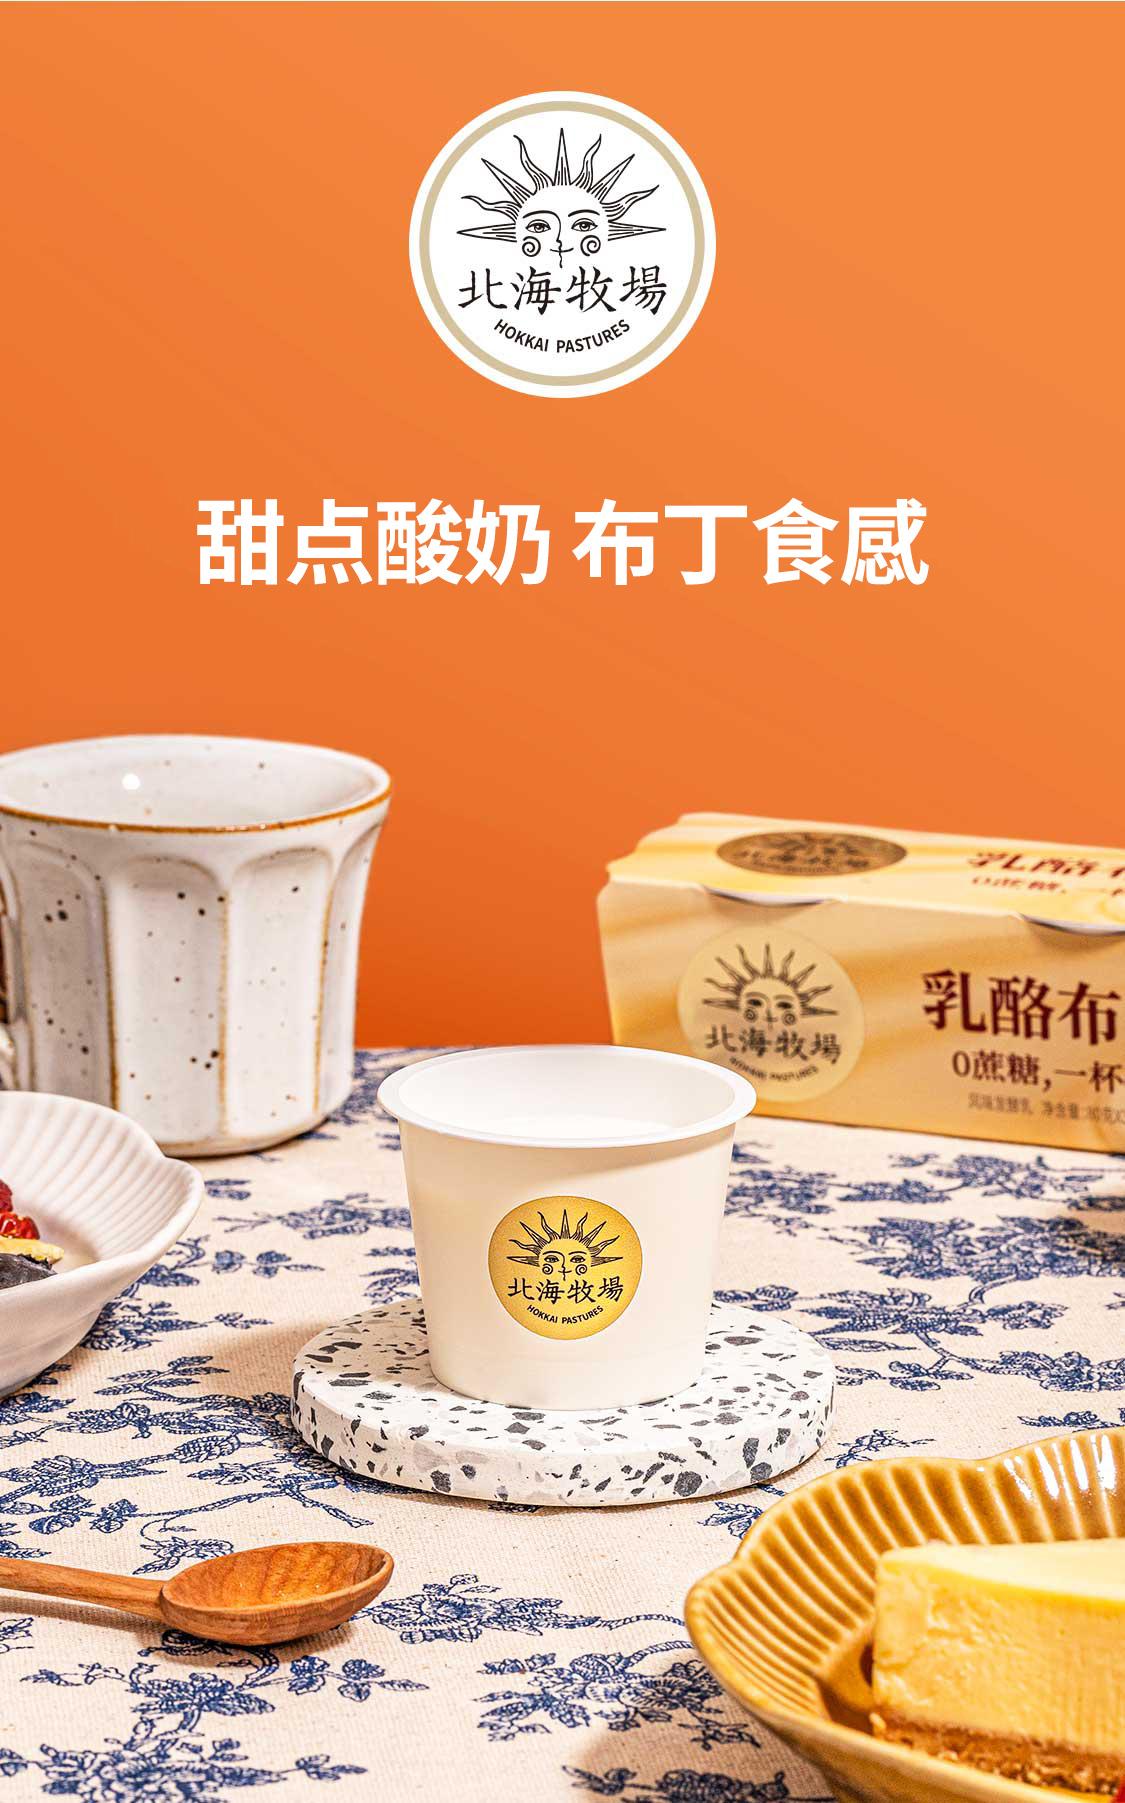 无蔗糖低热量:北海牧场 奶酪布丁味低温酸奶 80gx12杯 60元包邮 买手党-买手聚集的地方